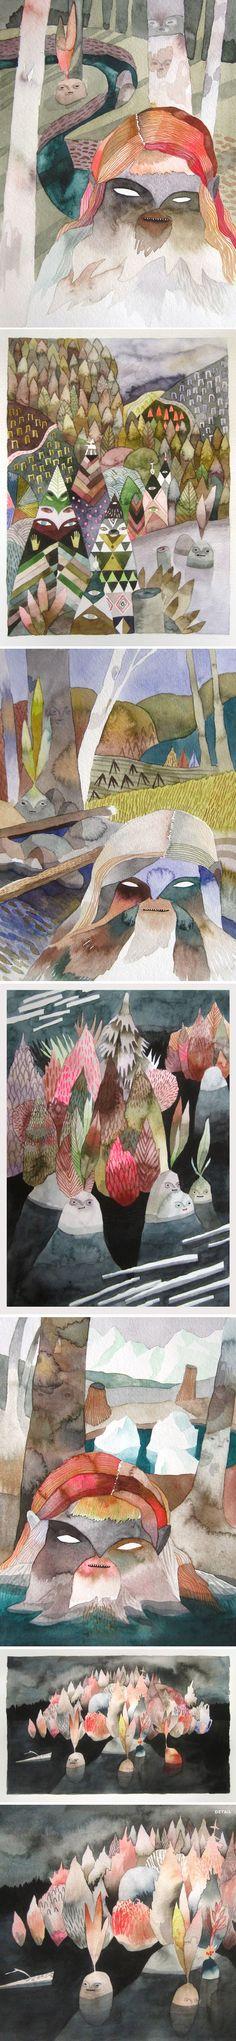 watercolors by meghan hildebrand <3